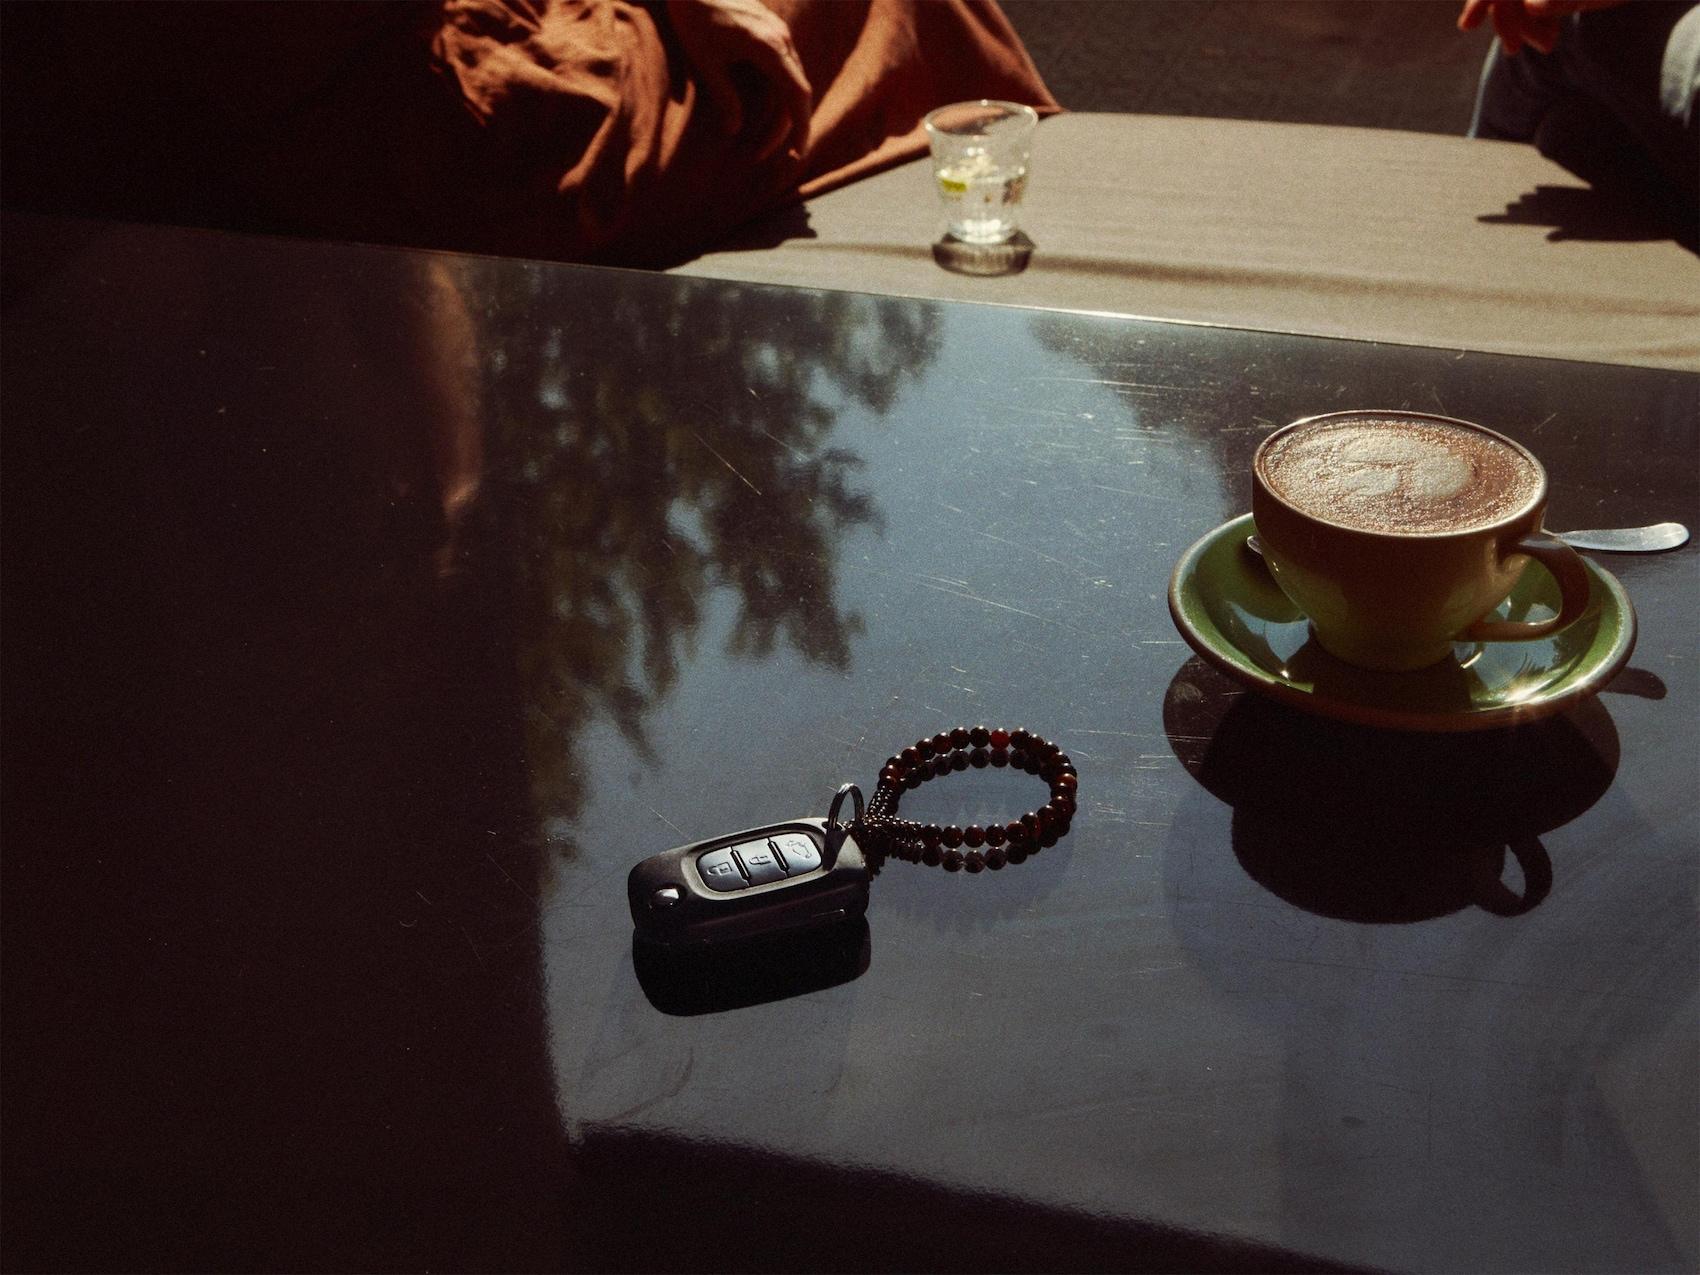 Autoschlüssel liegen neben einem Kaffee auf dem Tisch.